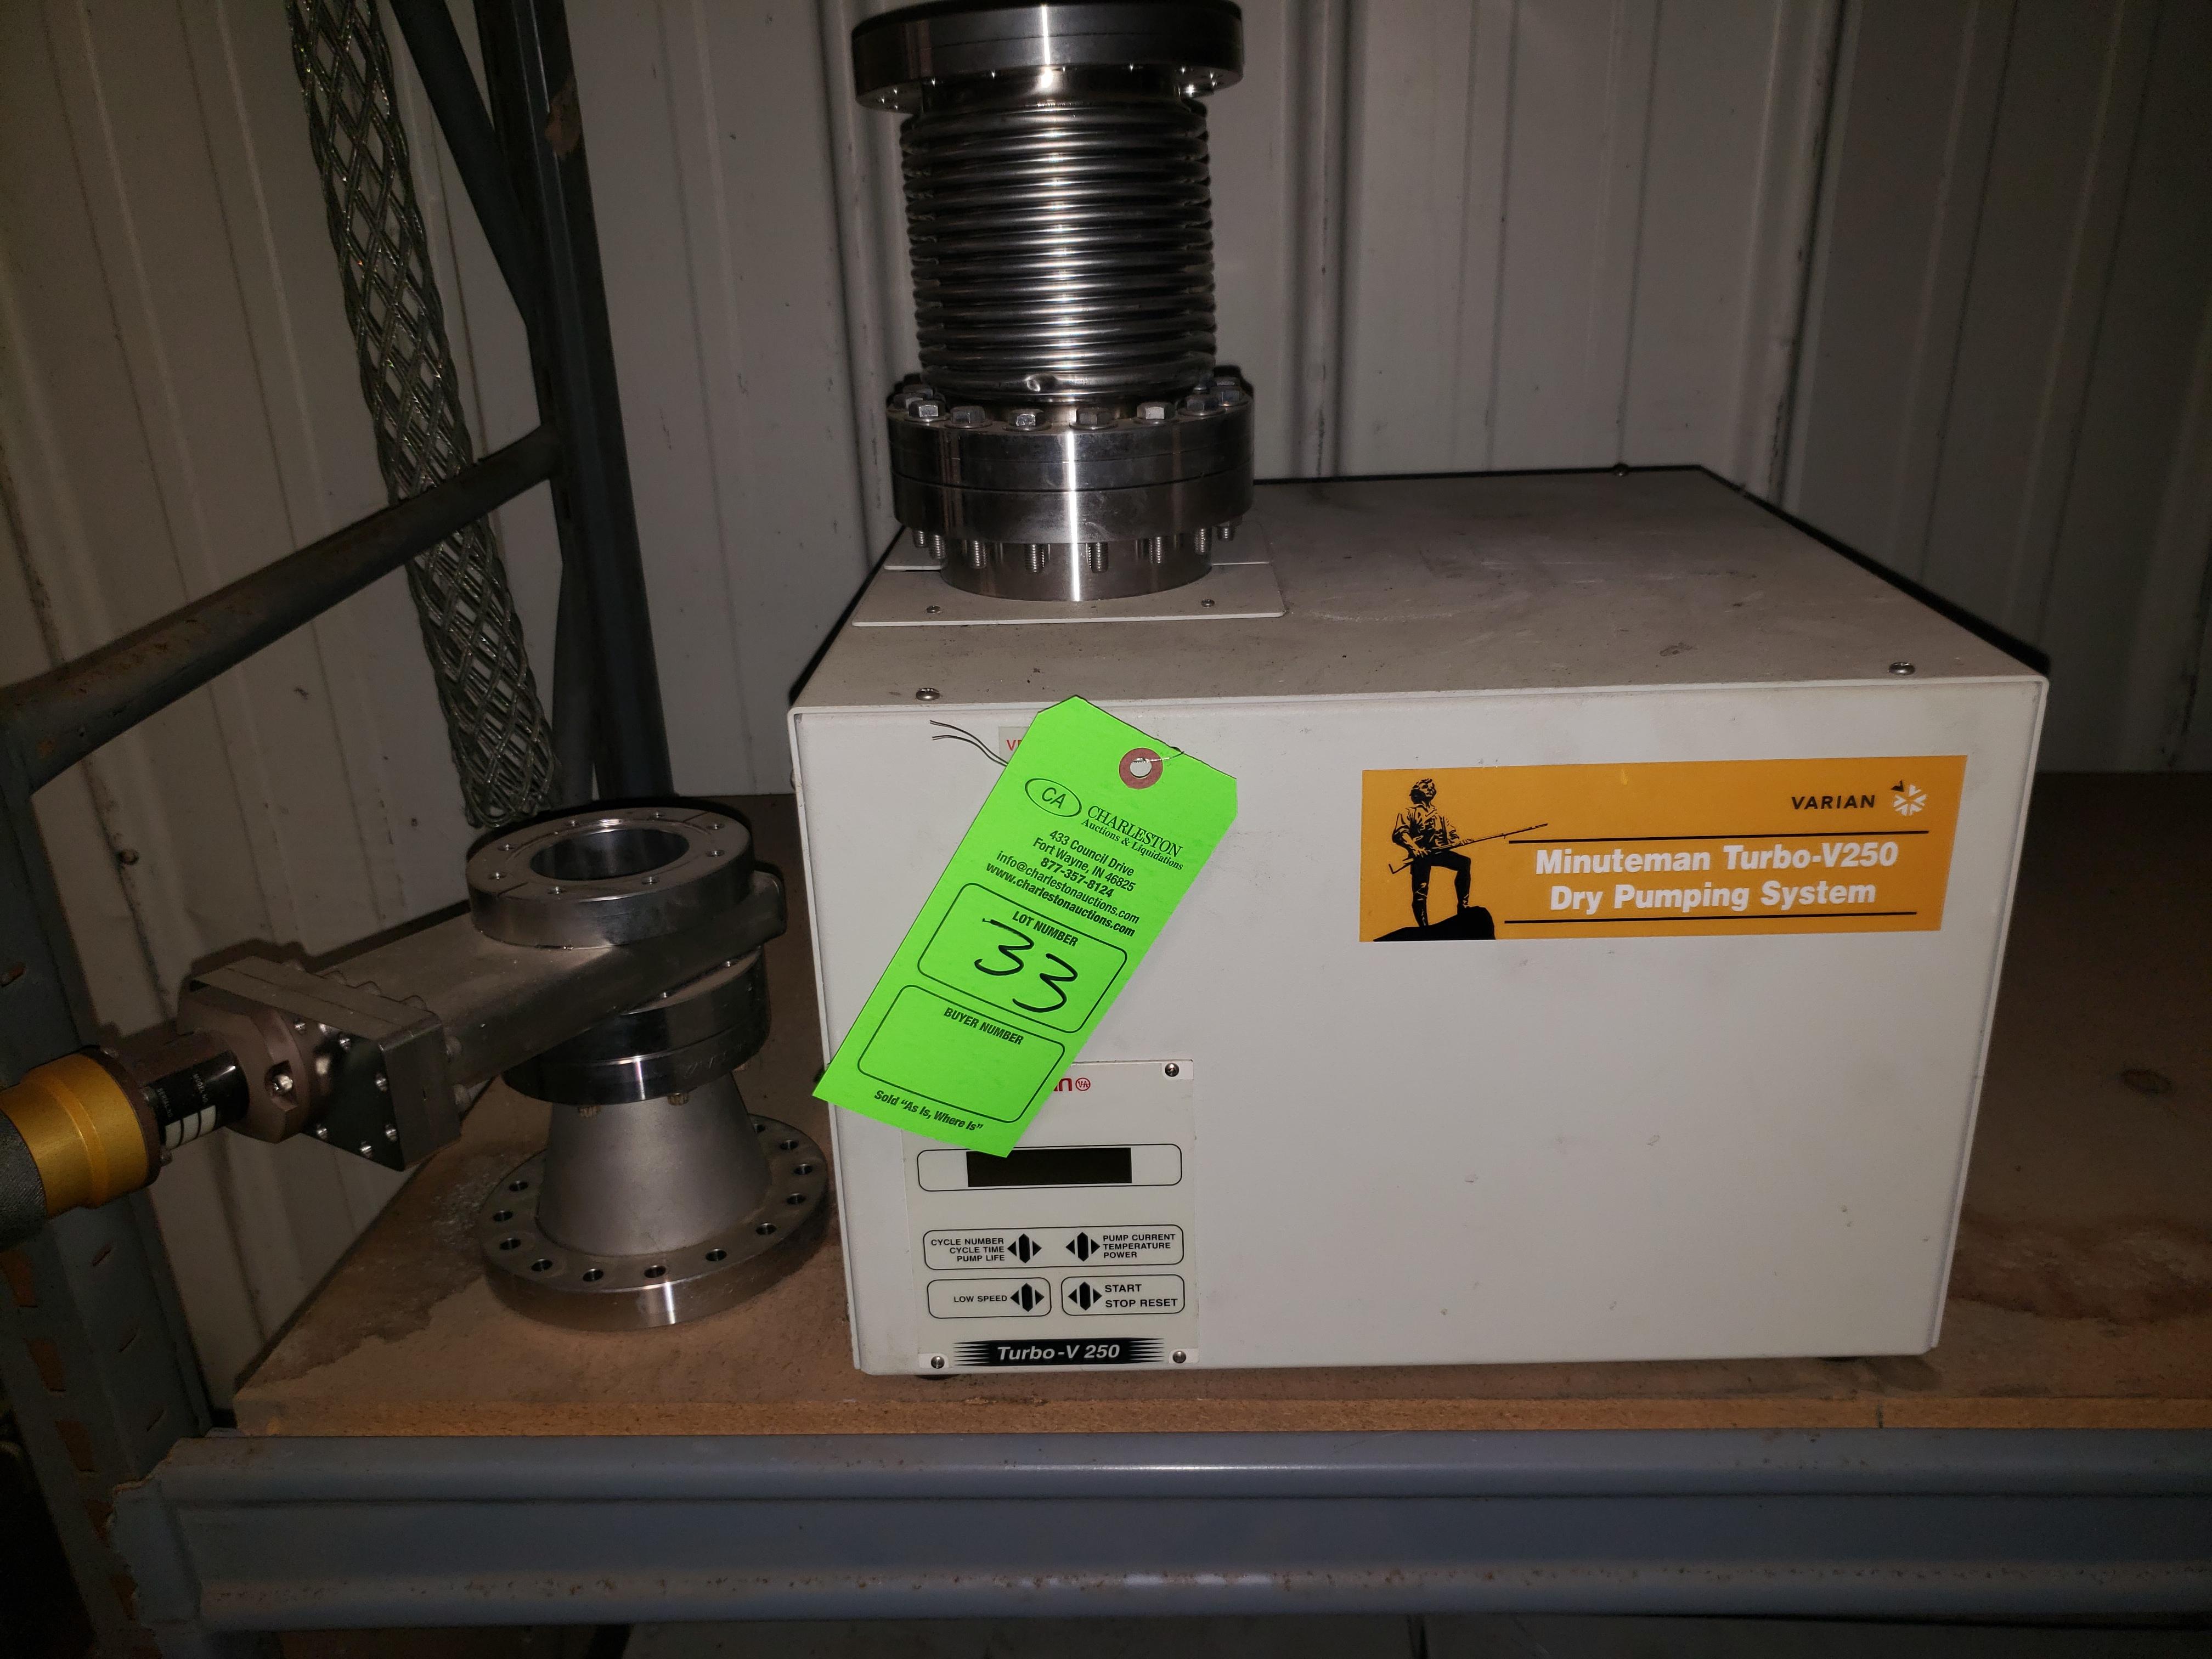 Lot 33 - VARIAN MINUTEMAN TURBO V250 DRY PUMPING SYSTEM